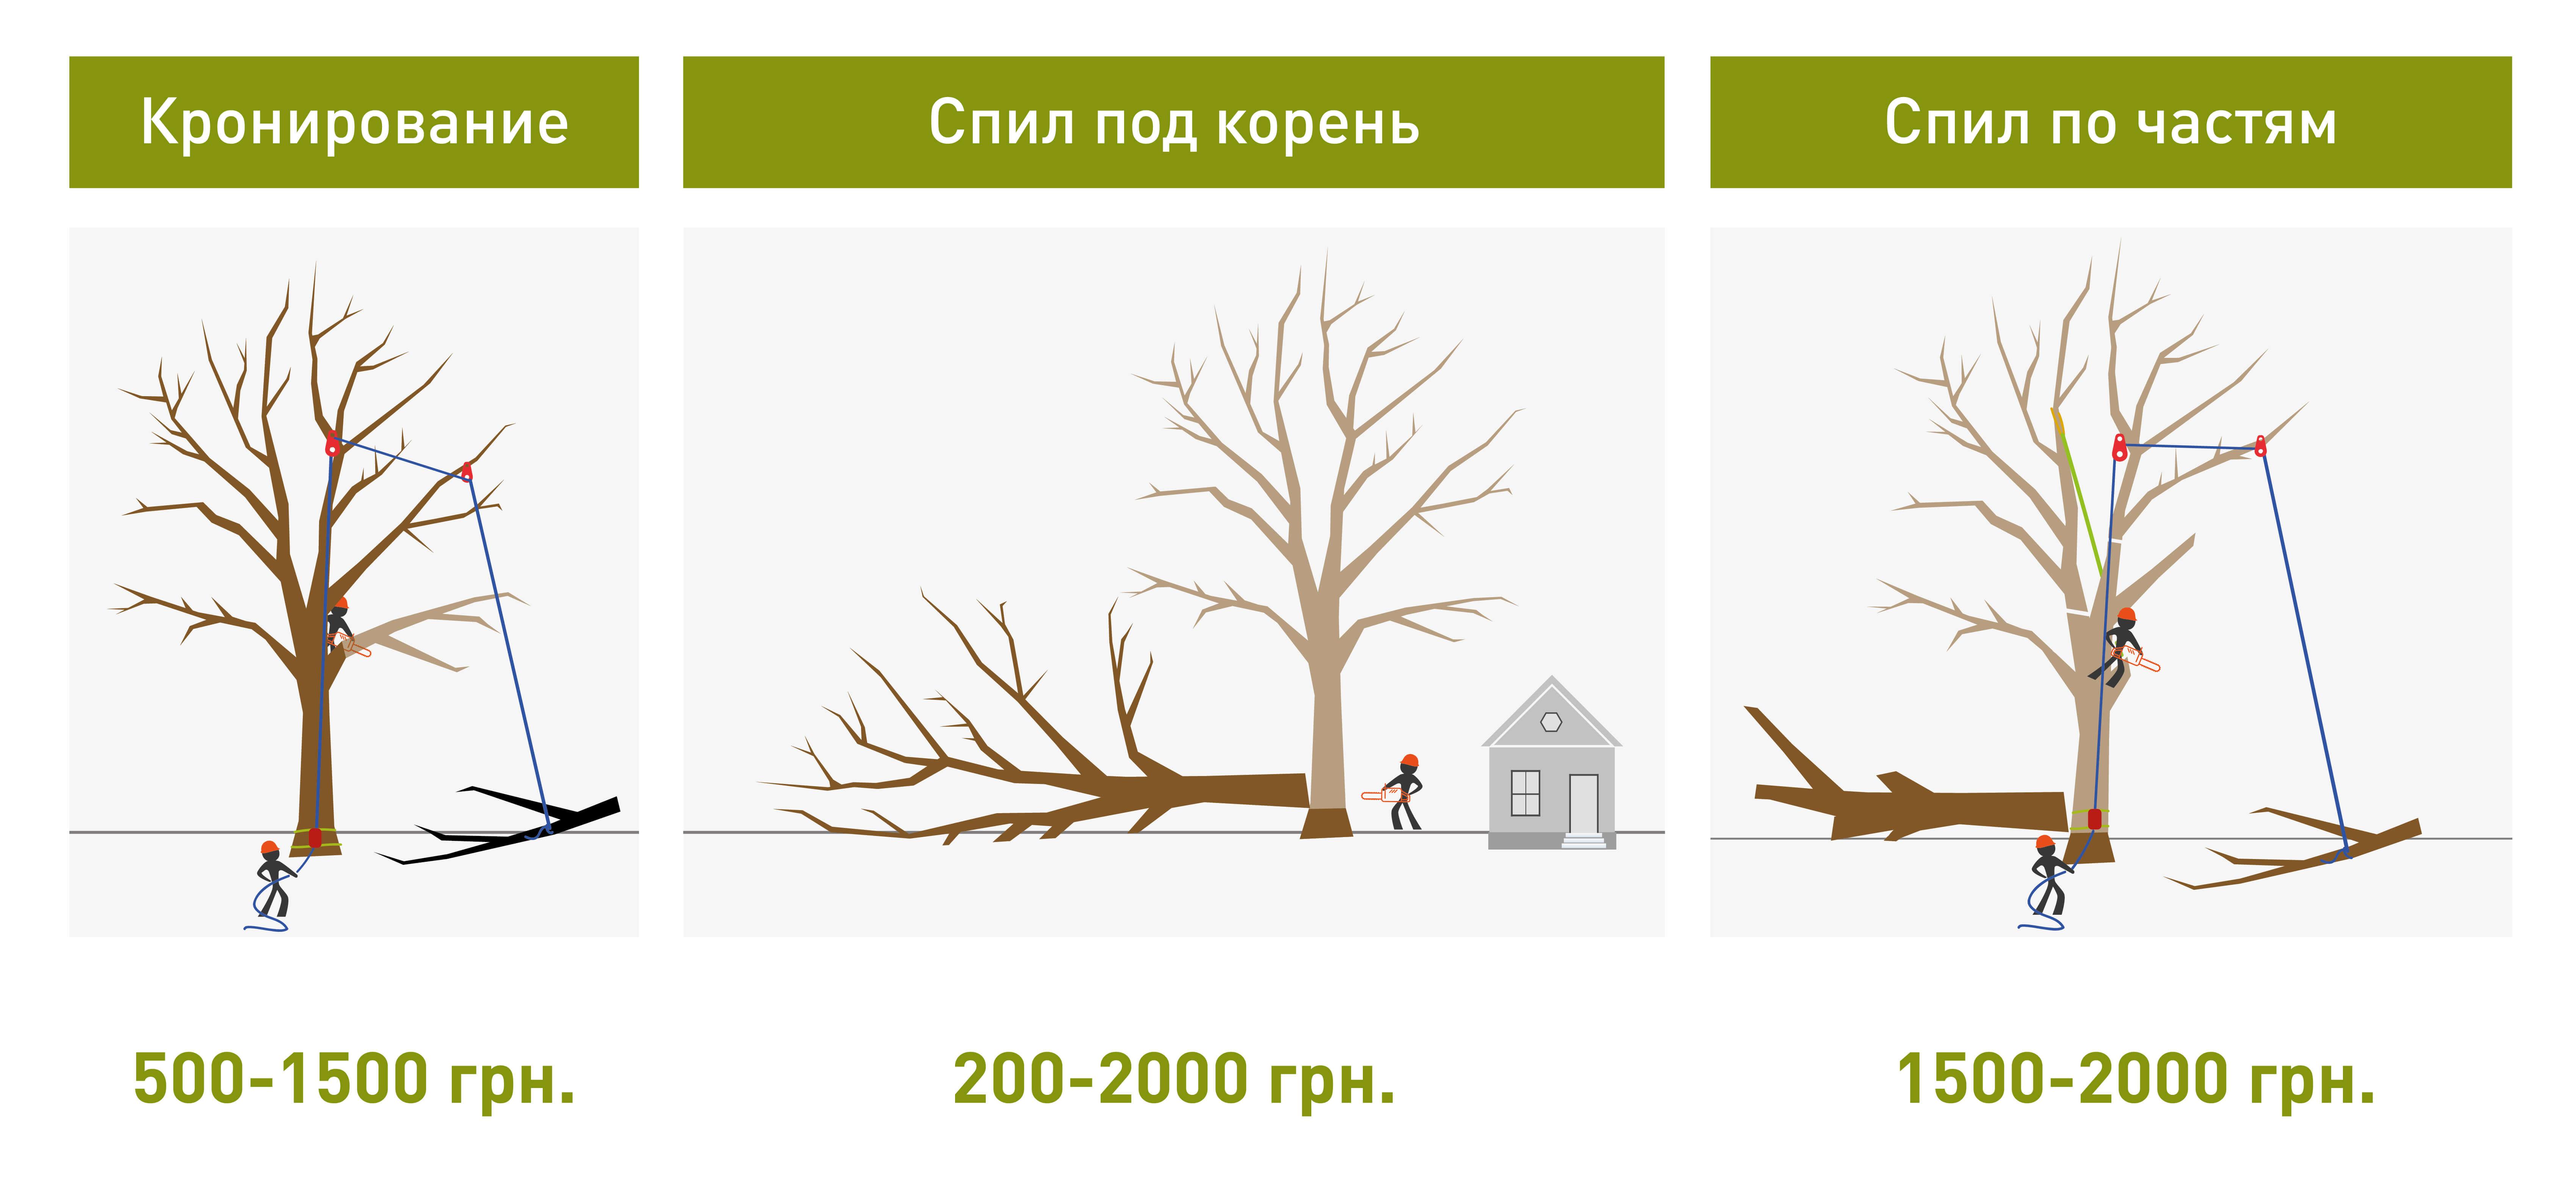 цена спила дерева